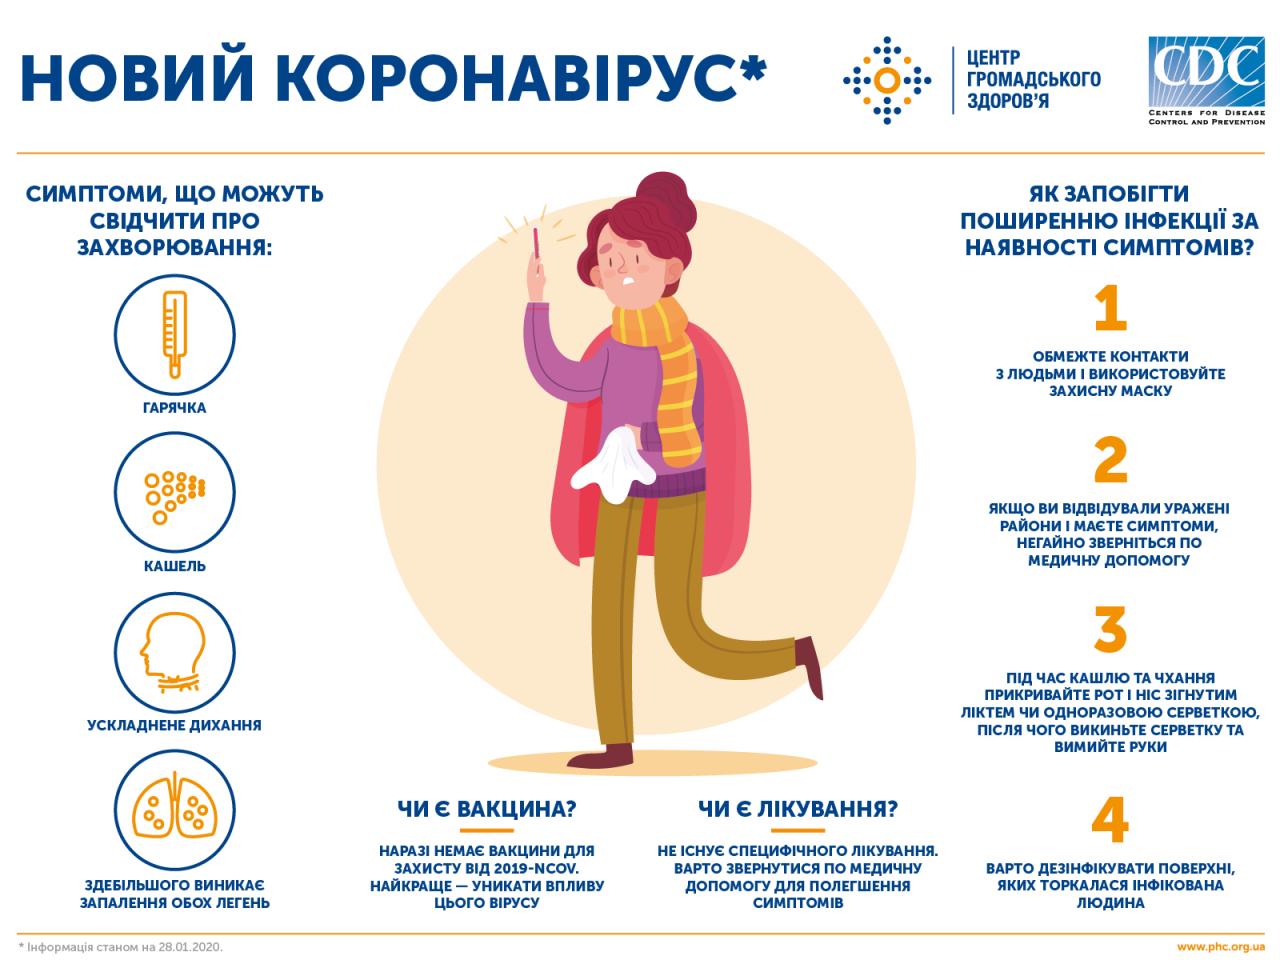 http://dunrada.gov.ua/uploadfile/archive_news/2020/03/16/2020-03-16_803/images/images-63389.png